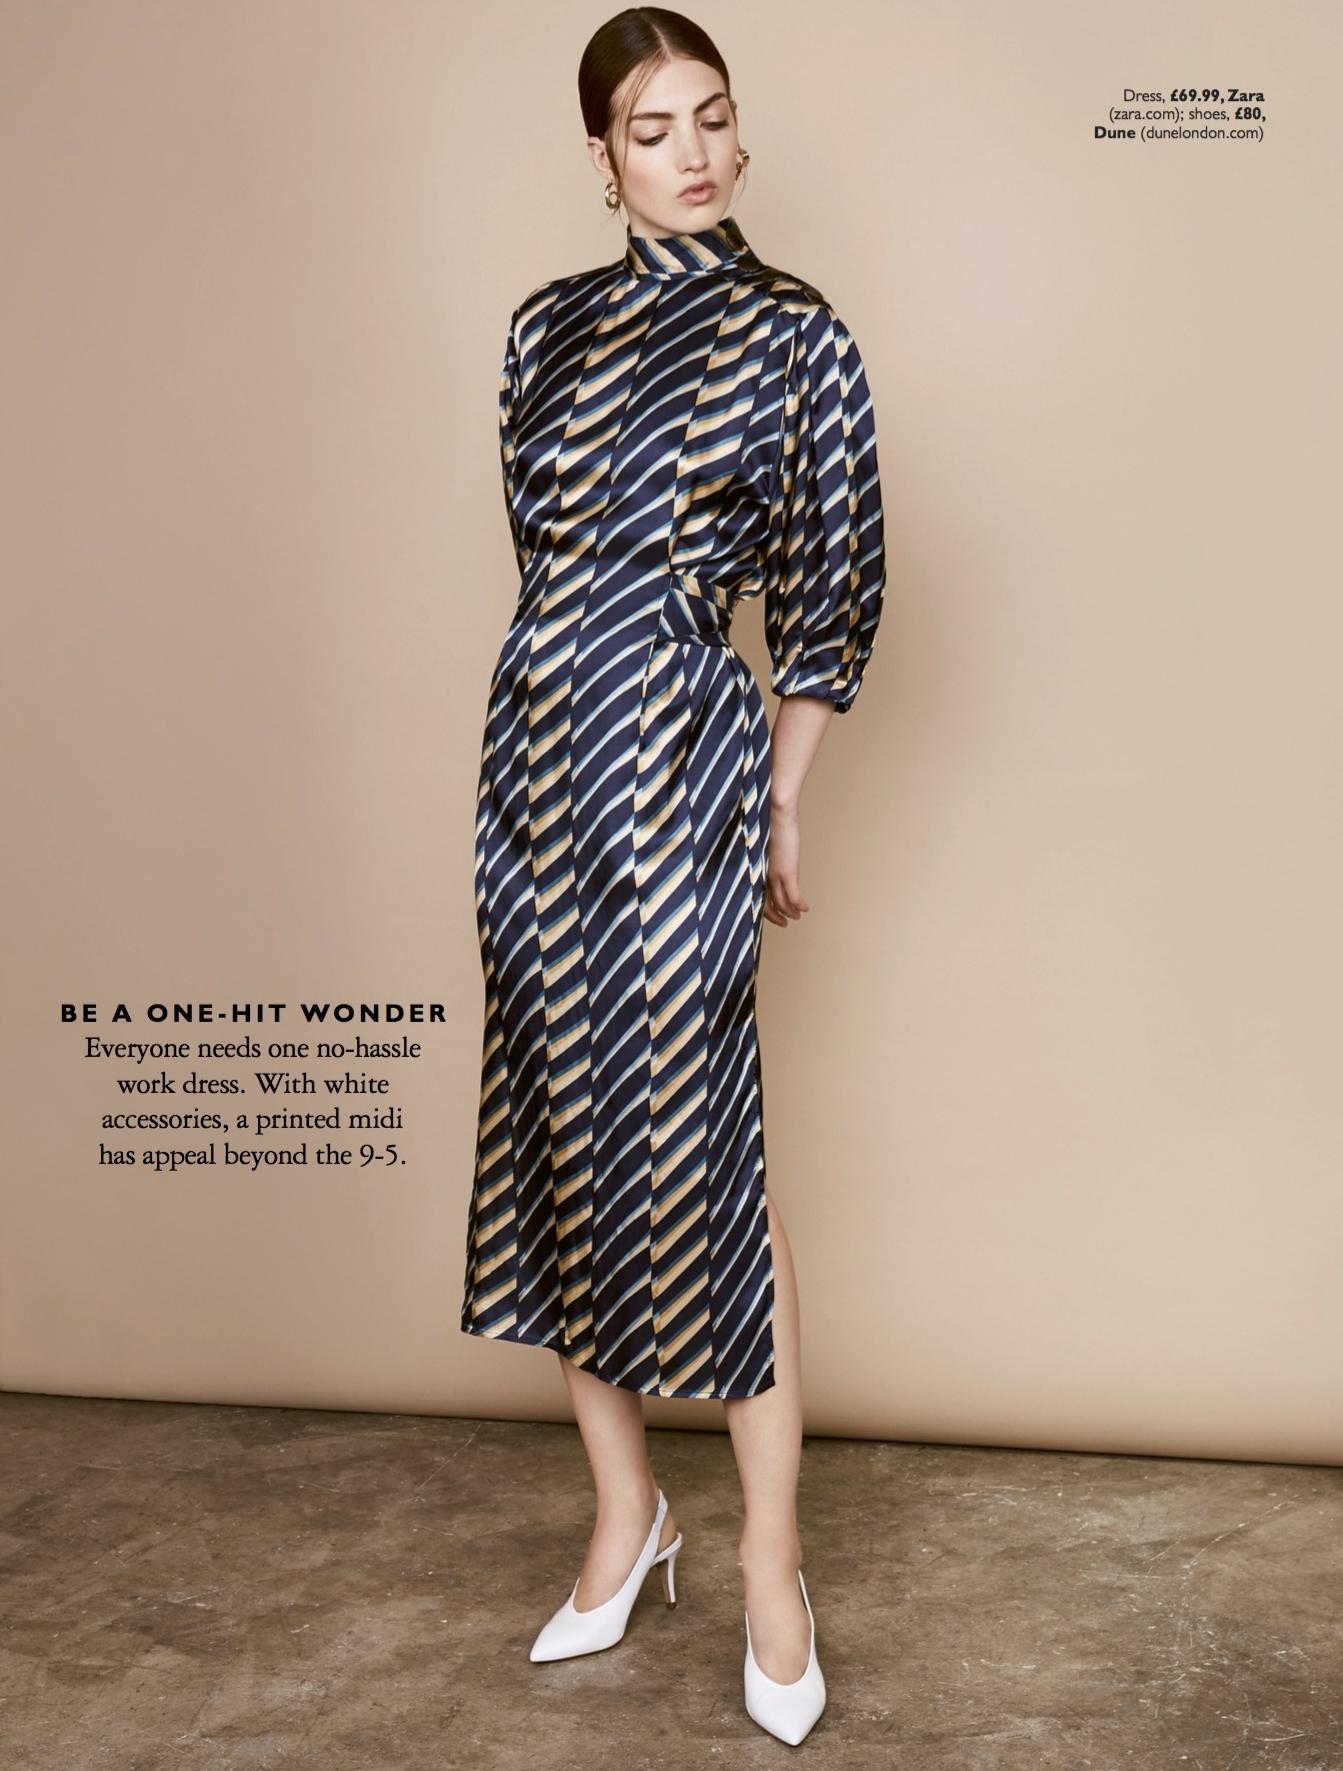 Fashion_Wardrobe Workshop Workwear_pdf_3 copy.jpg